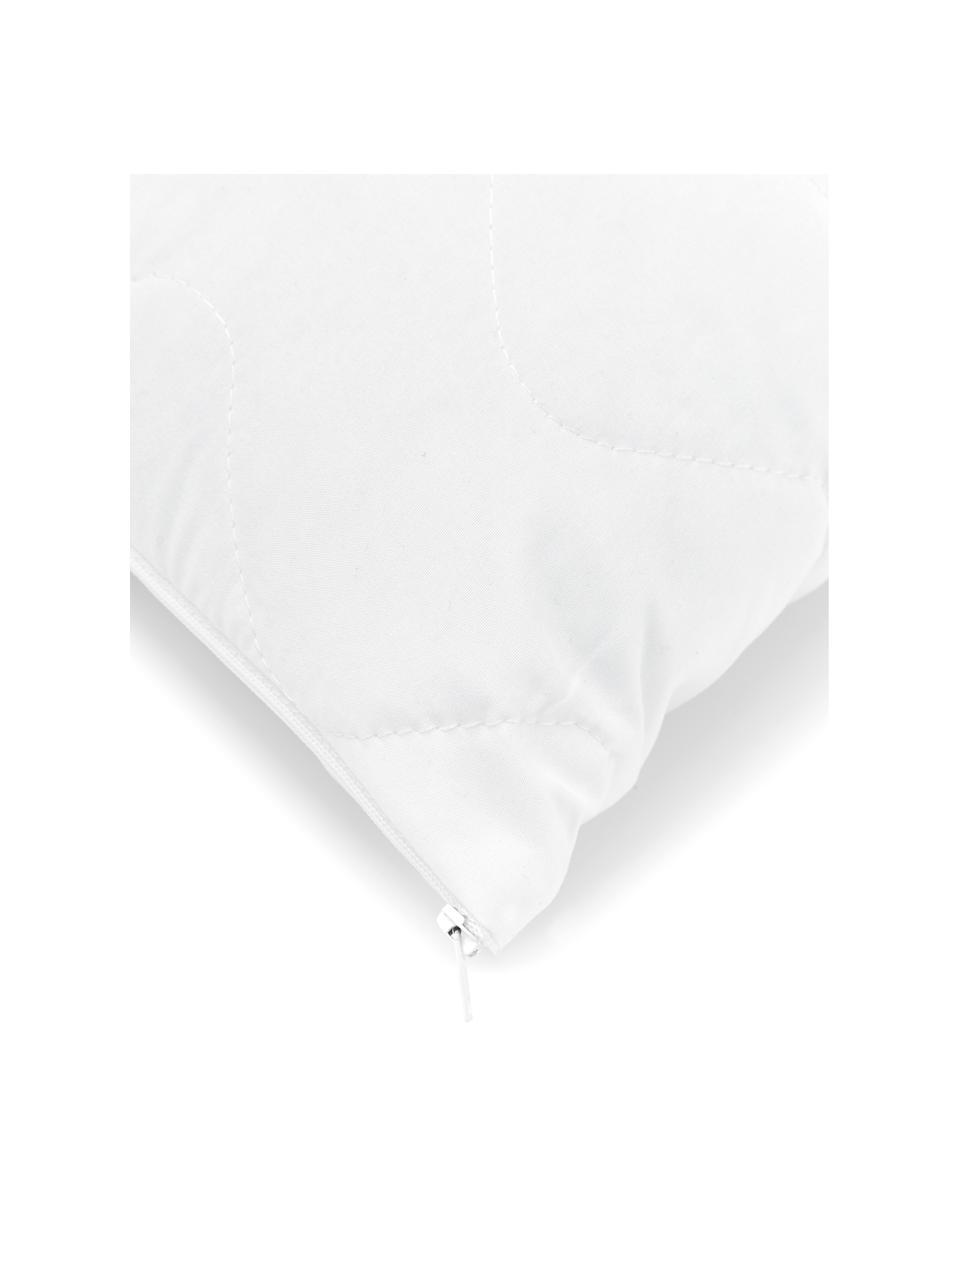 Imbottitura cuscino in microfibra Premium Sia, 40 x 60, Bianco, Larg. 40 x Lung. 60 cm